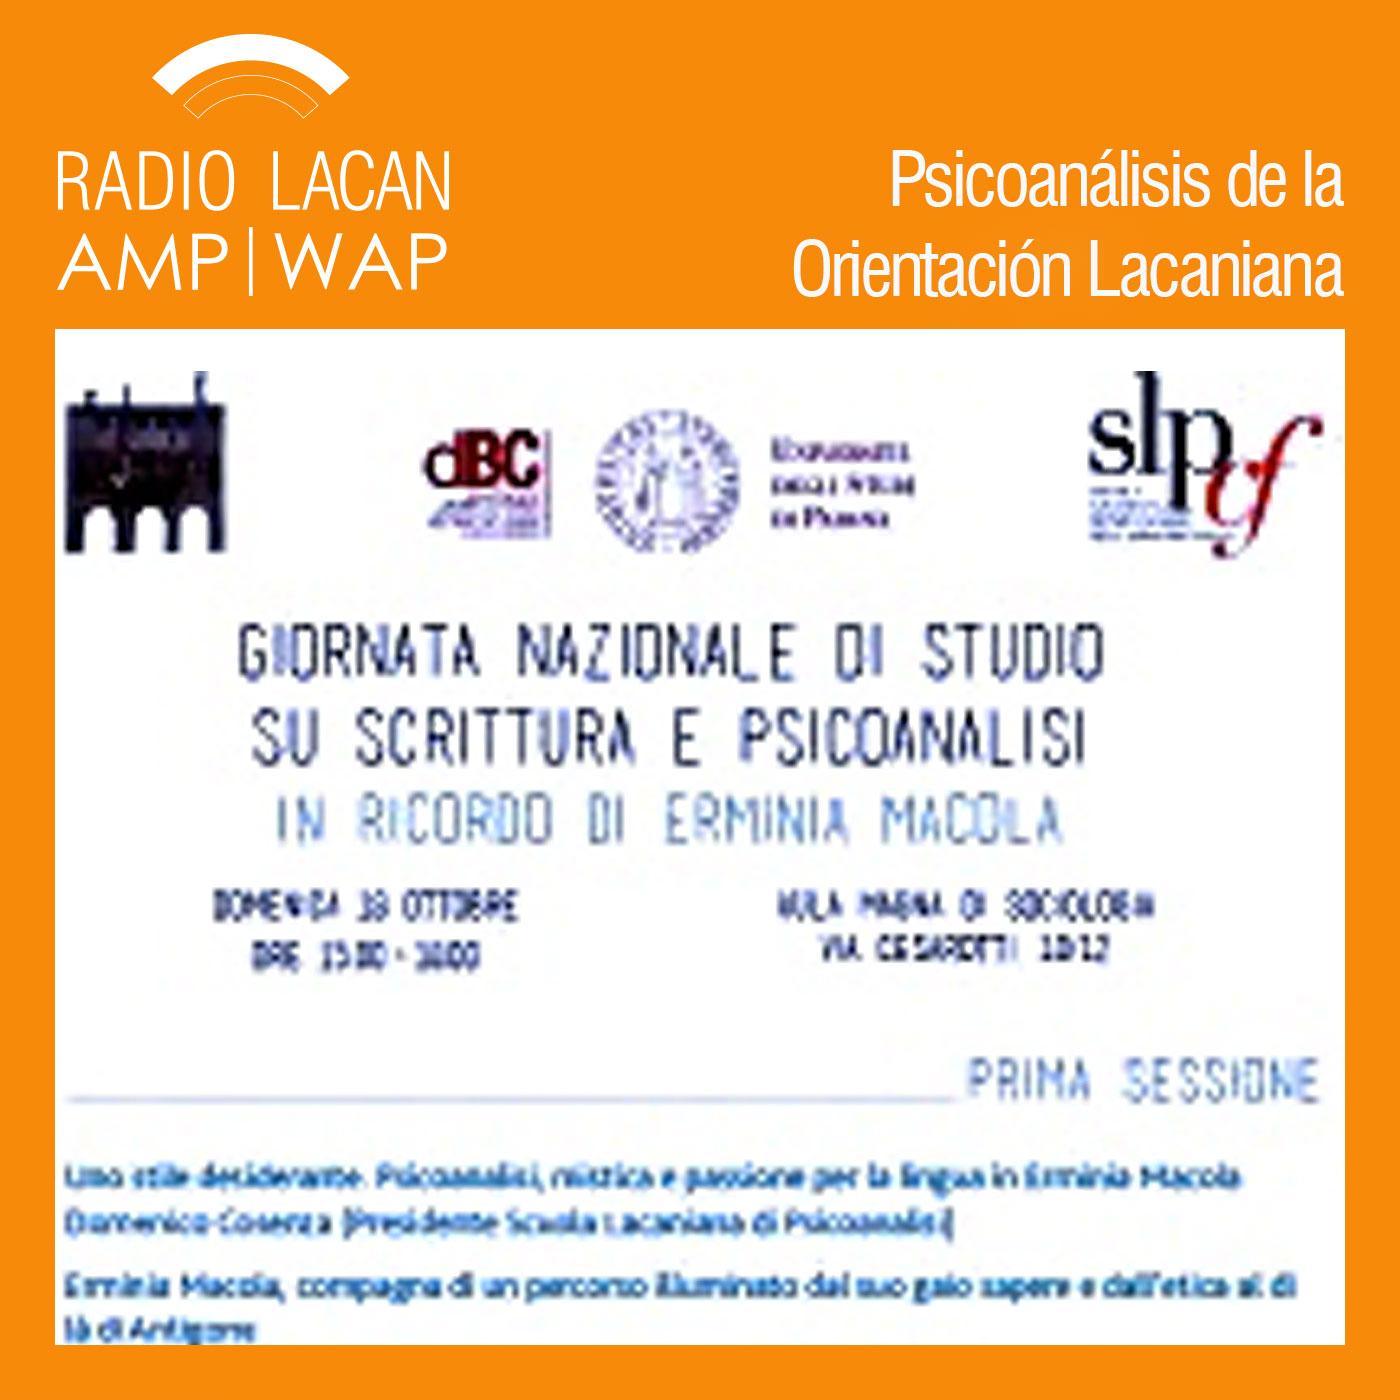 RadioLacan.com | <![CDATA[Jornada Scrittura e Psicoanalisi (Escritura y psicoanálisis) en memoria de Erminia Macola]]>